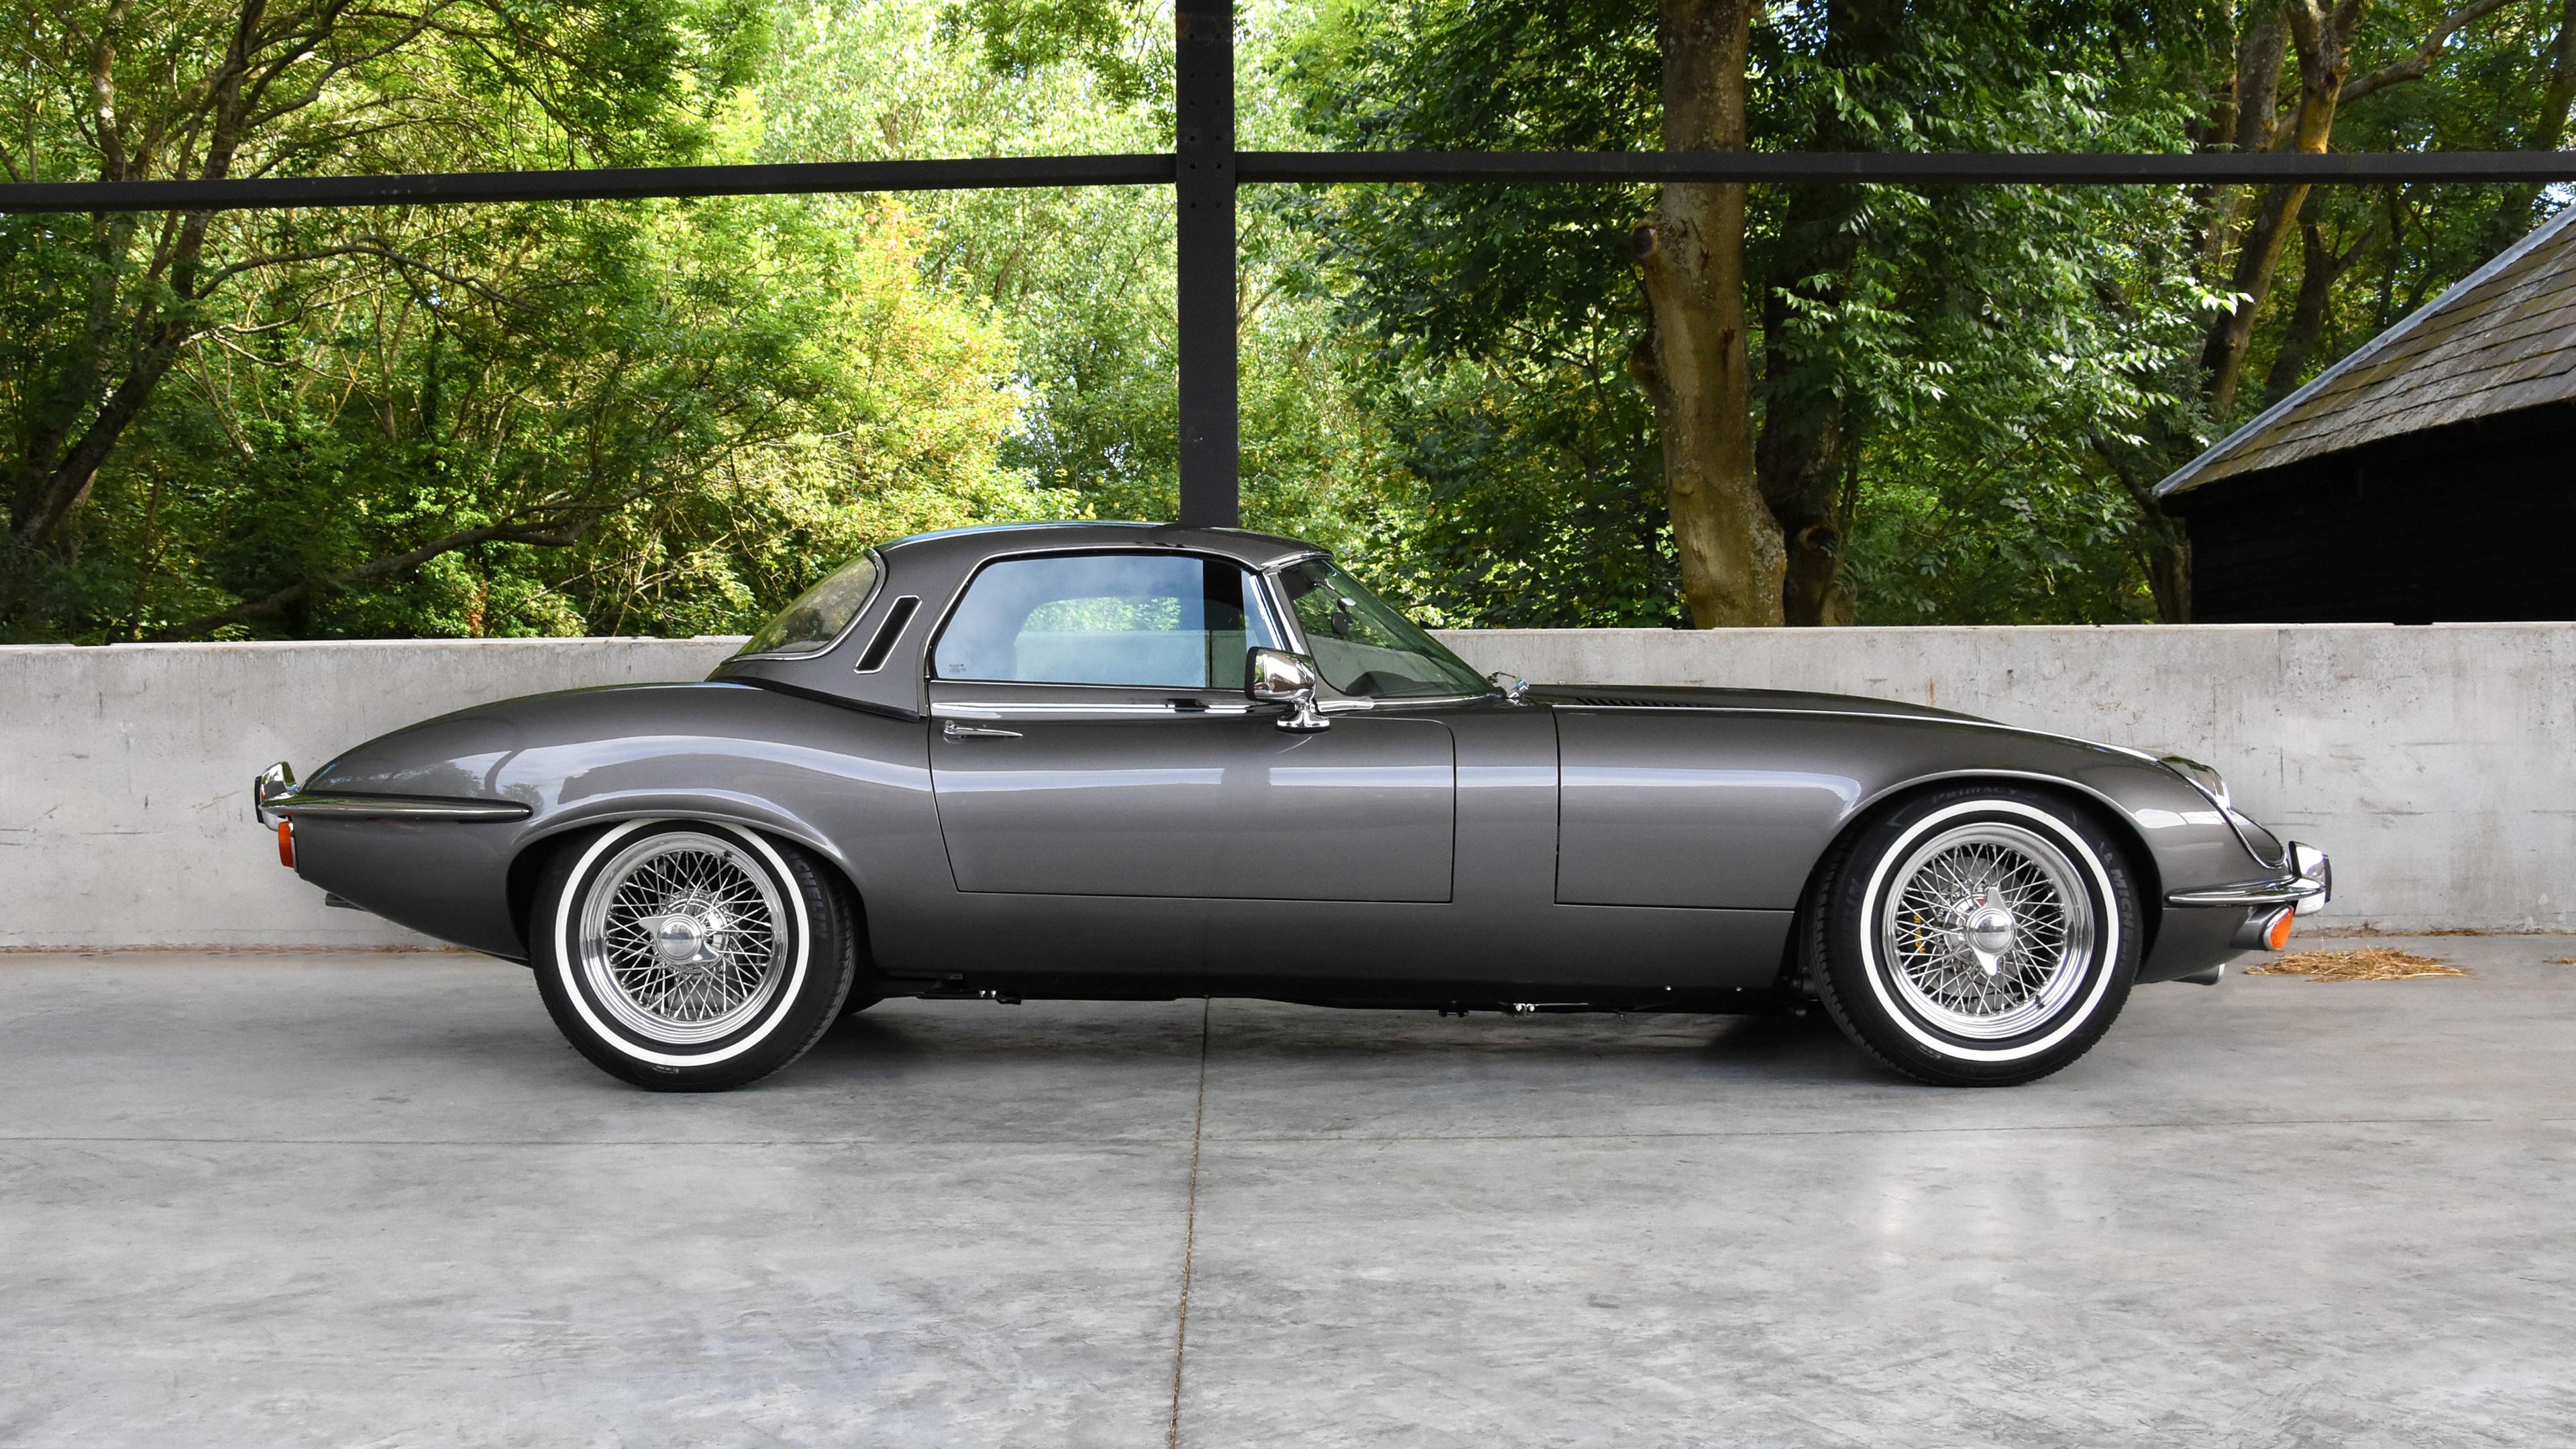 e type uk jaguar s3 v12 2018 side view 1539113651 - E Type UK Jaguar S3 V12 2018 Side View - jaguar wallpapers, hd-wallpapers, cars wallpapers, 4k-wallpapers, 2018 cars wallpapers